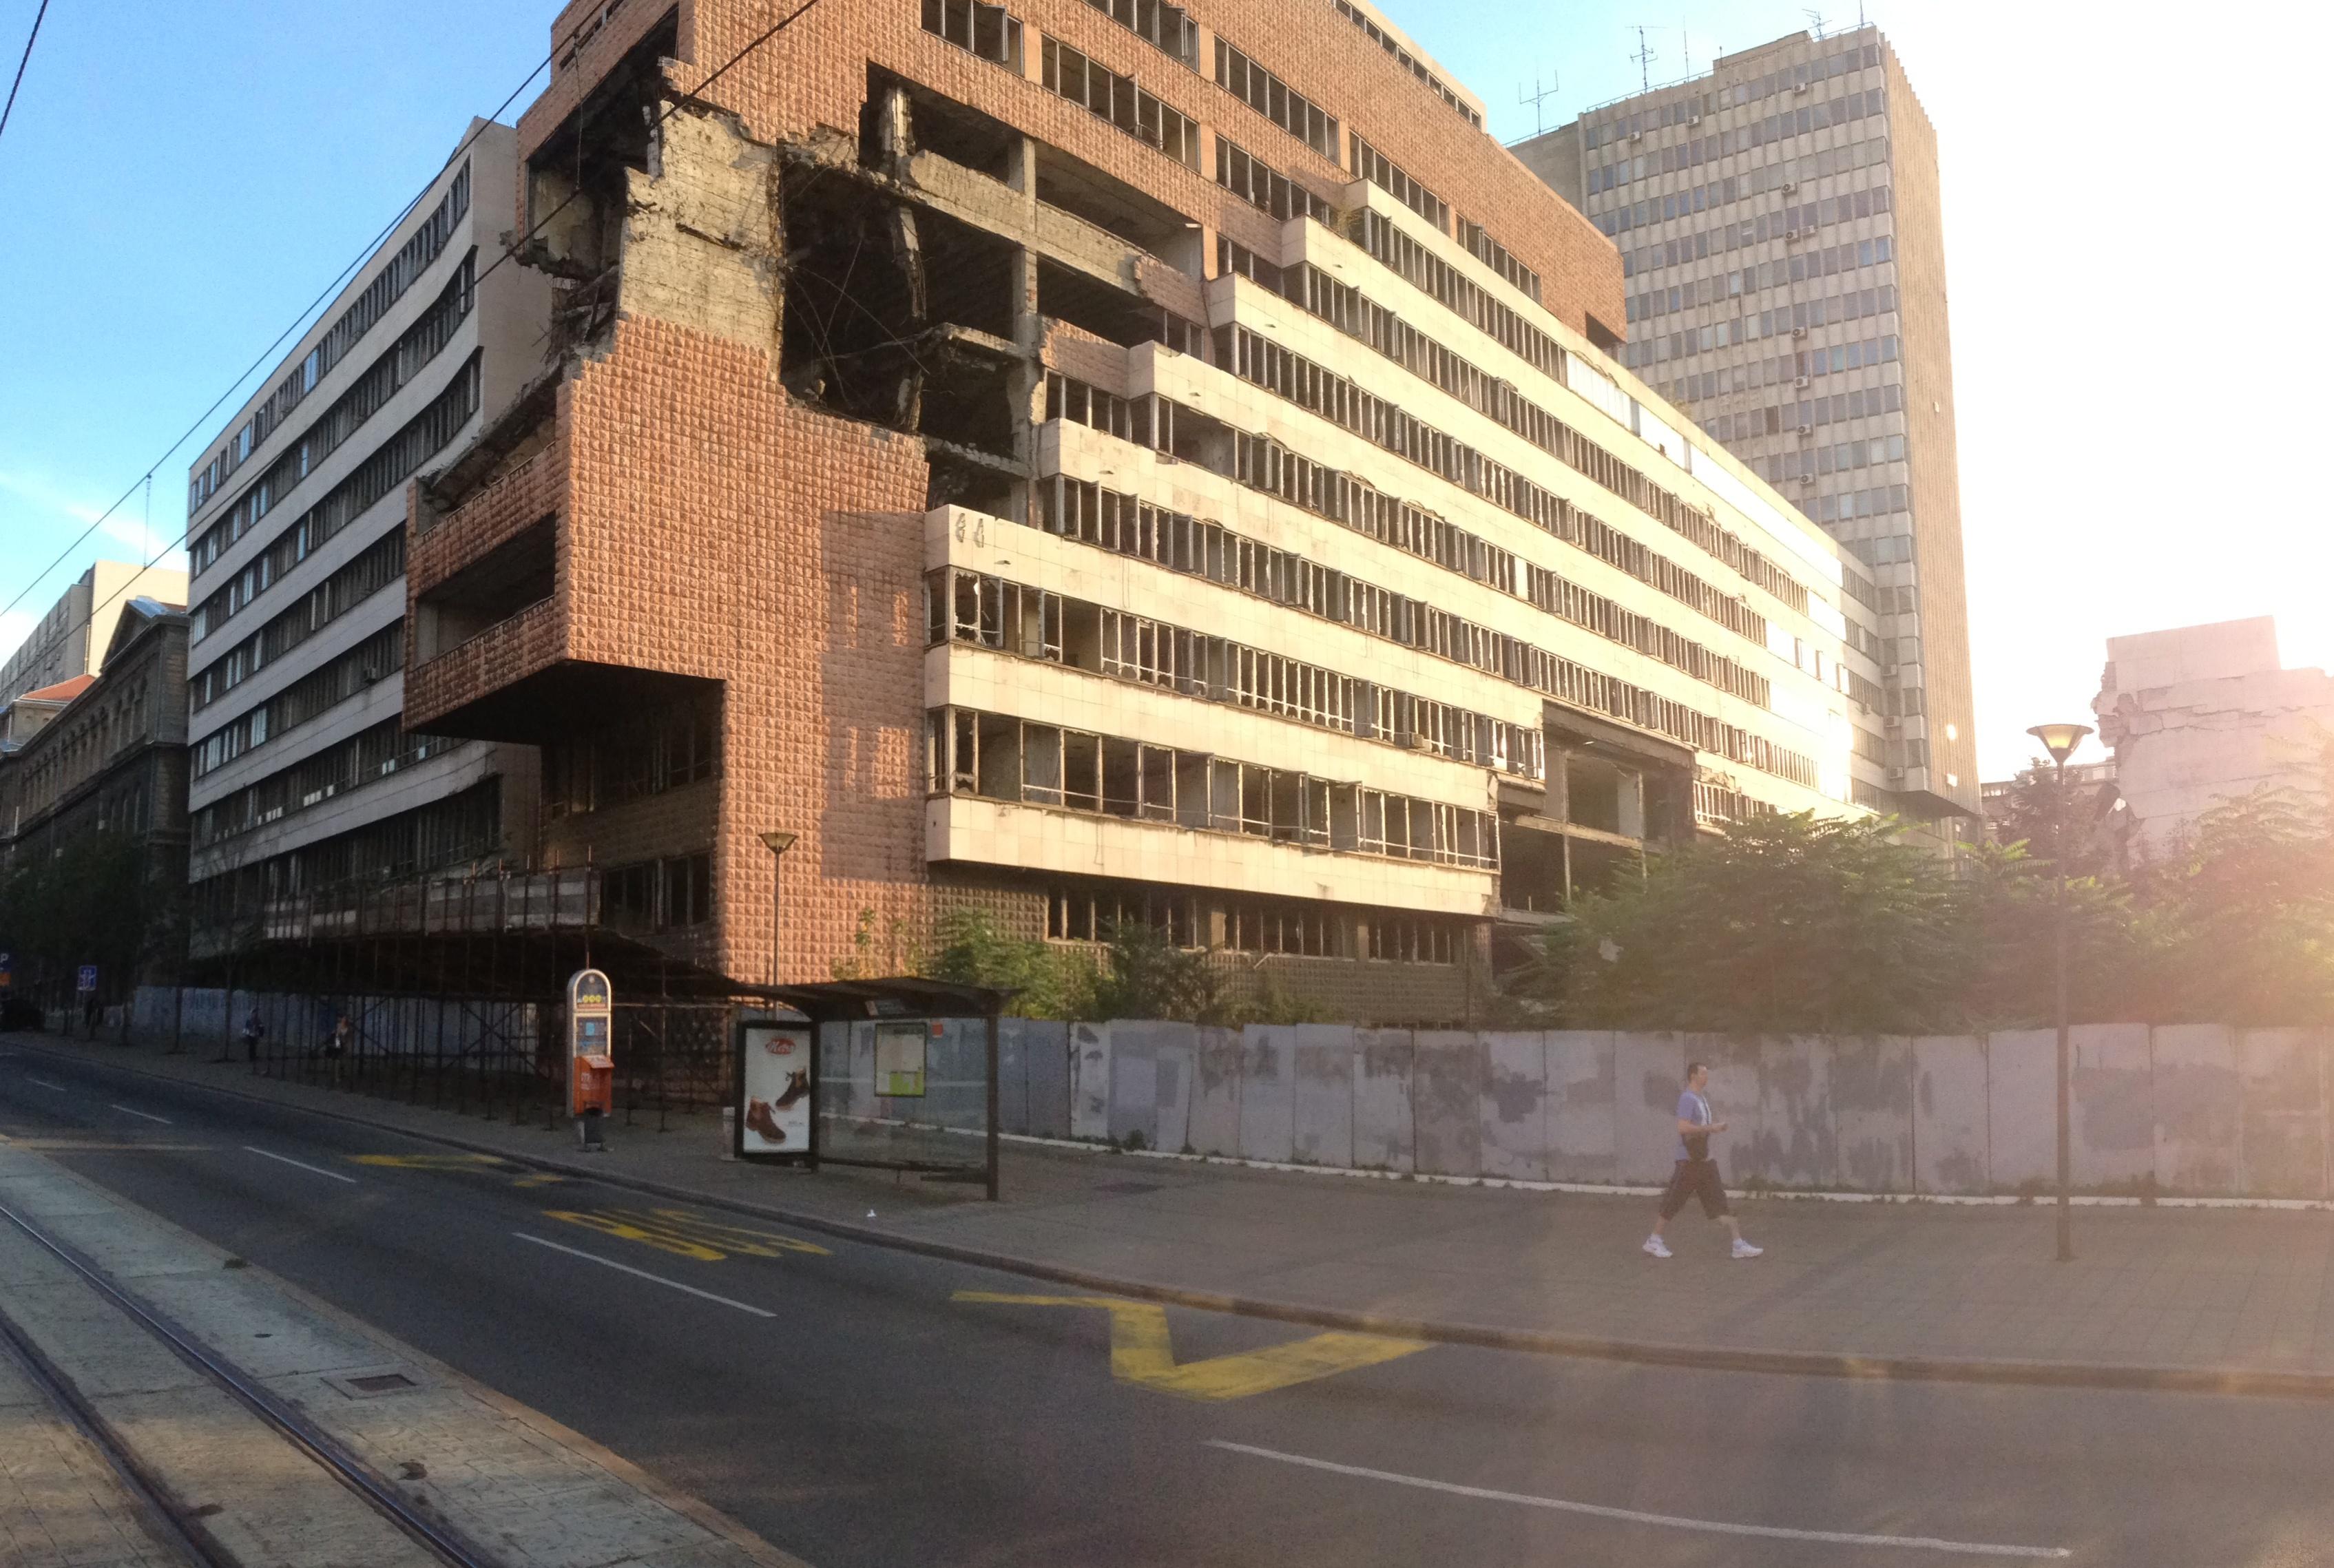 Secuelas del bombardeo de 1999 en Belgrado